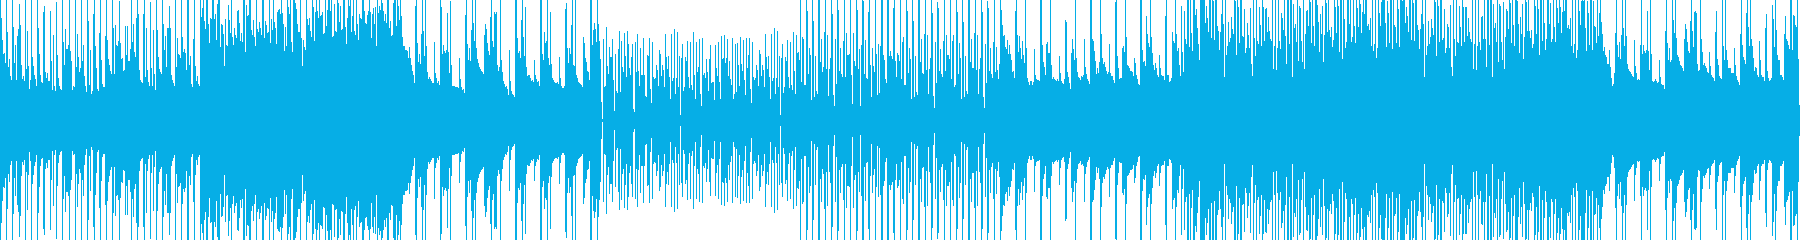 スラップベースでノリのいいループBGMの再生済みの波形